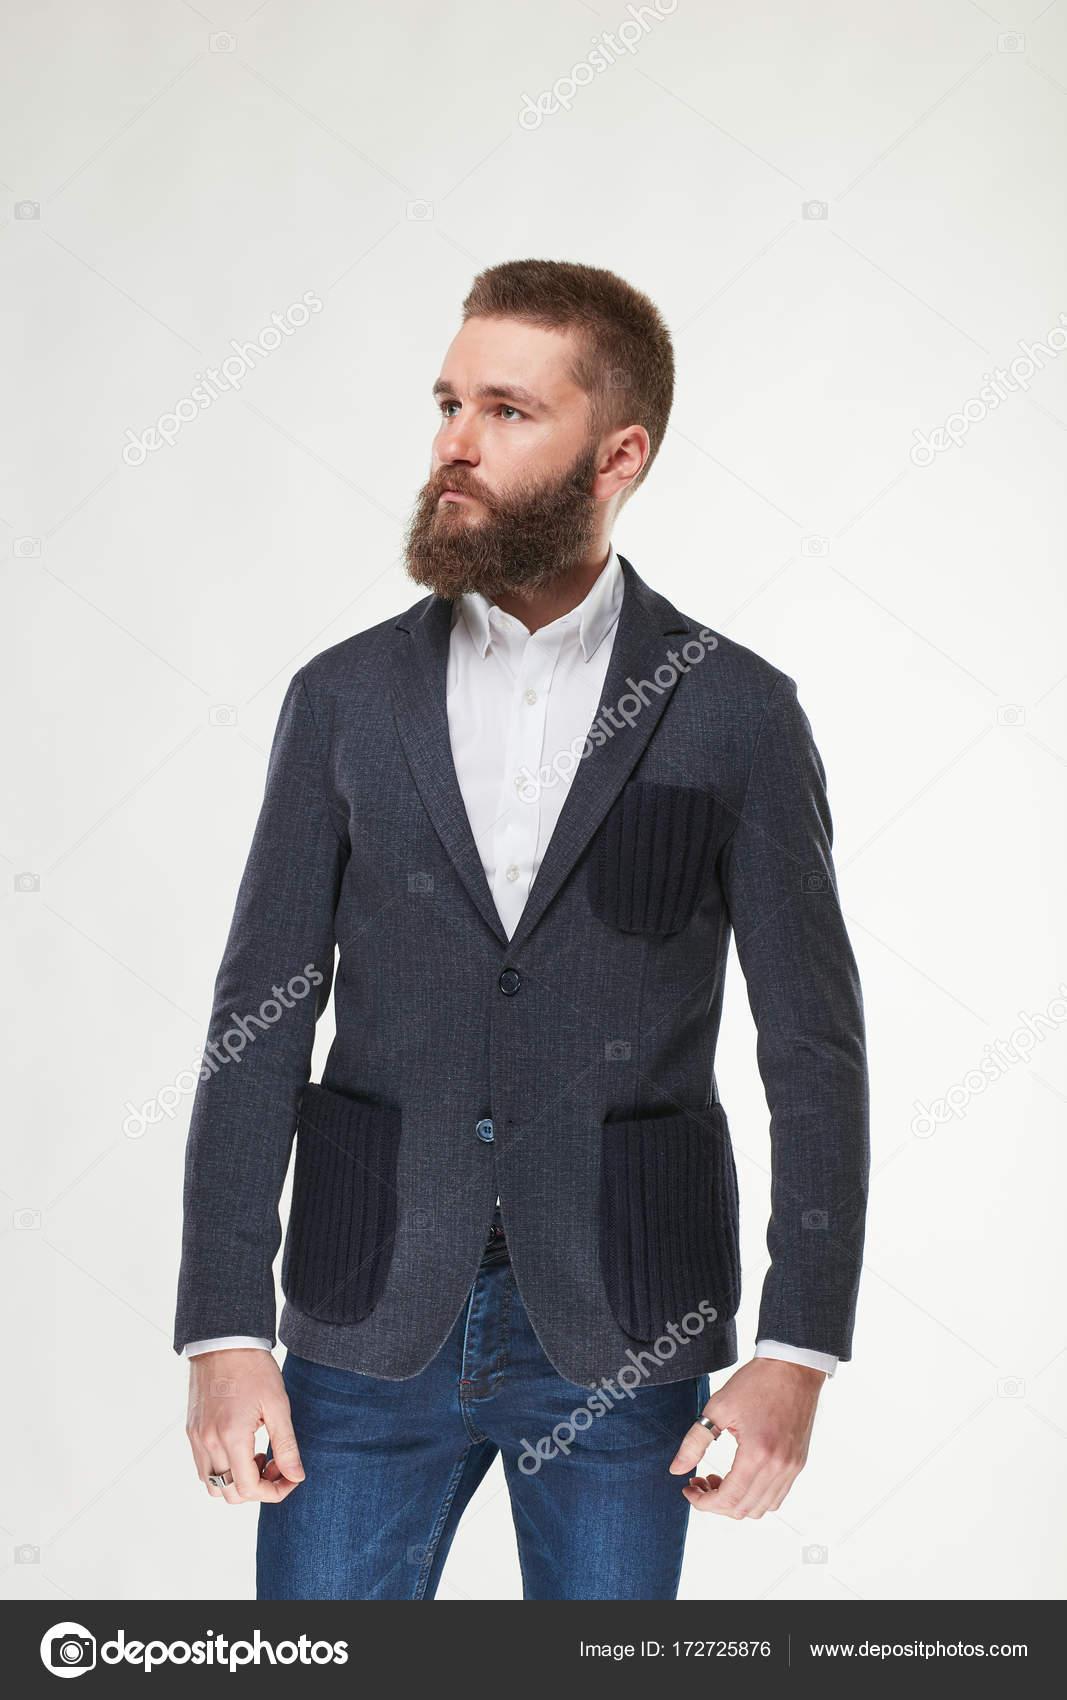 Veste grise chemise blanche